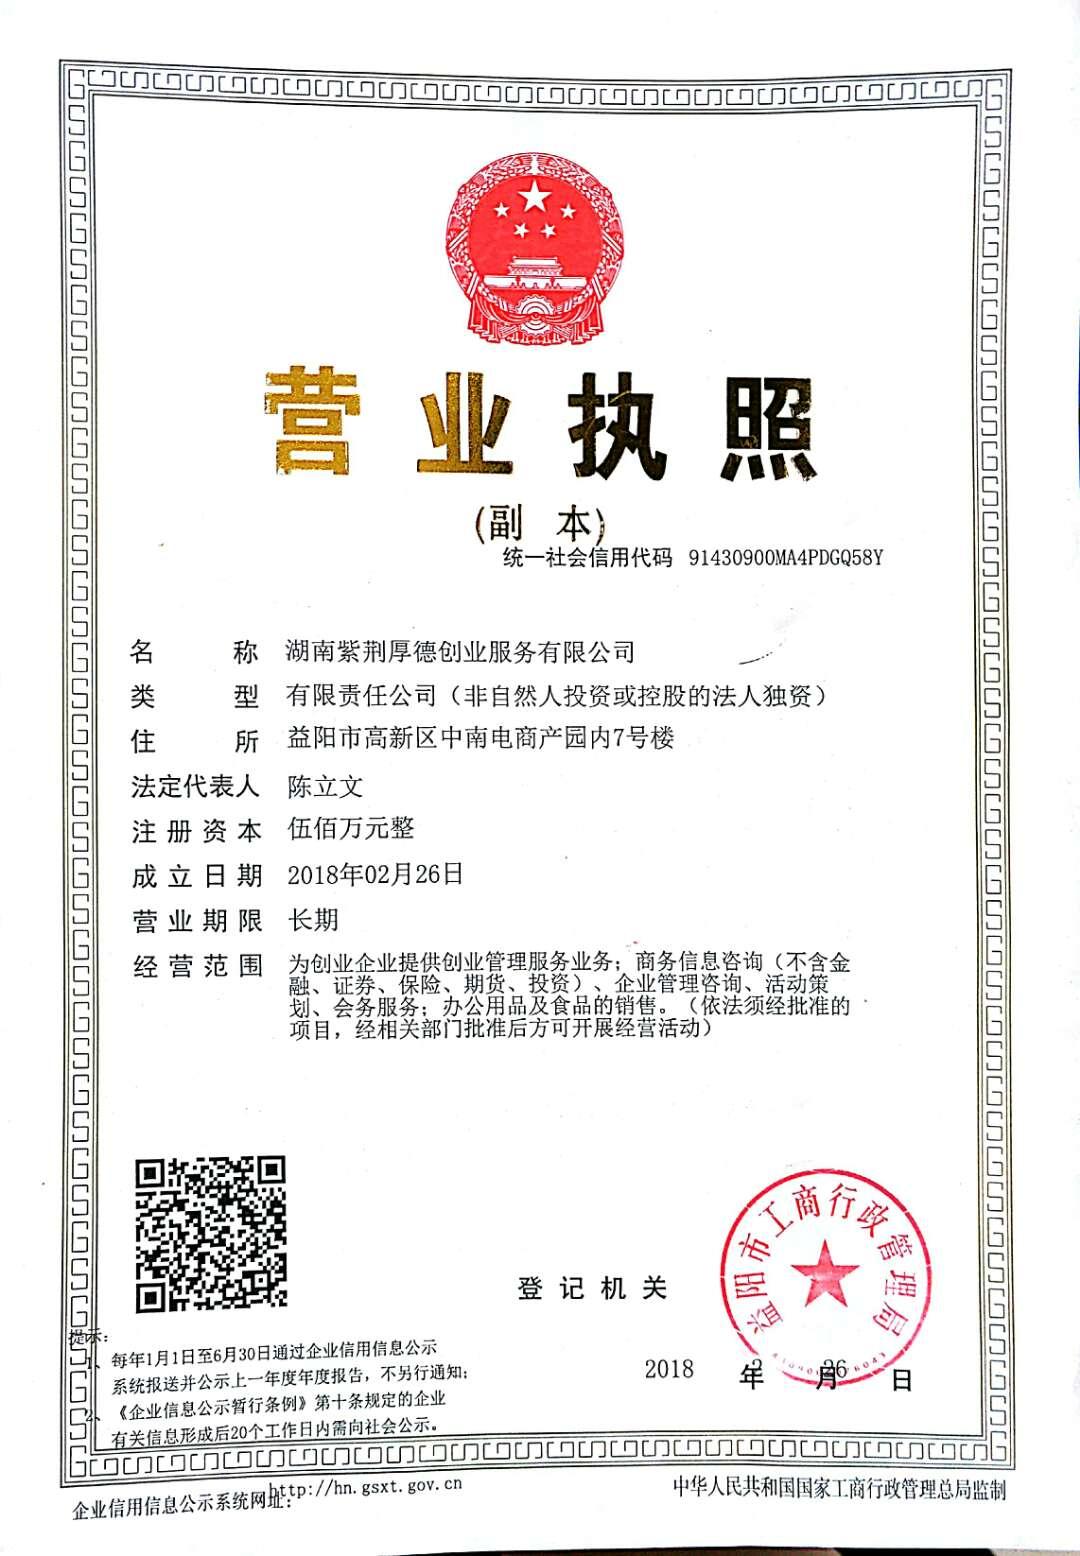 湖南紫荆厚德创业服务有限公司